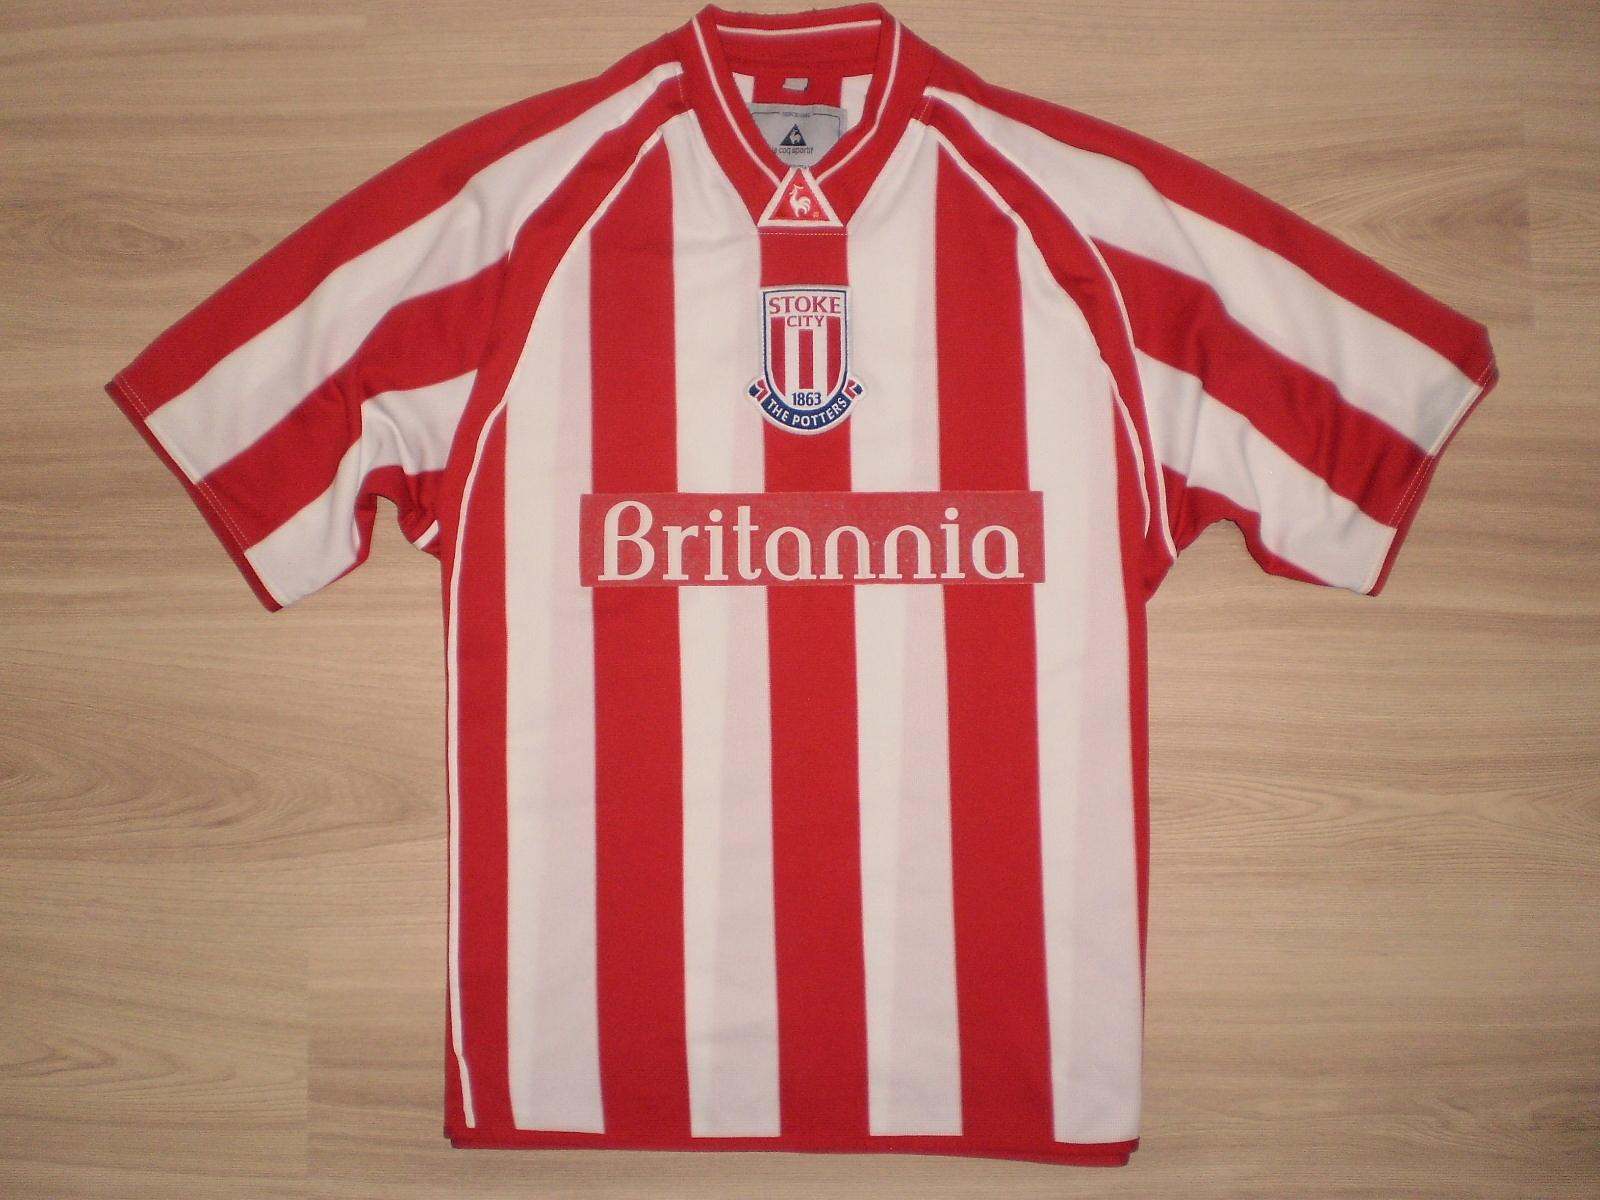 Koszulka Stoke City Le coq sportif r. 38/40